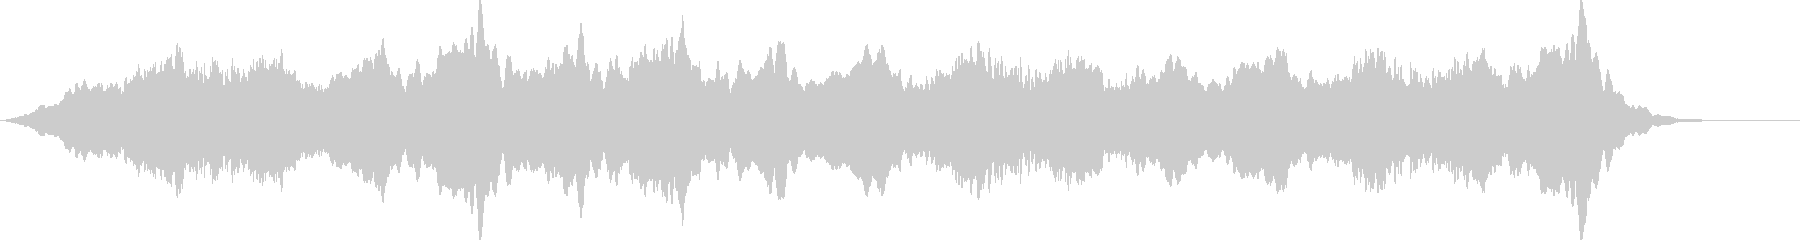 アトモスフィア FX_04 ambiの未再生の波形